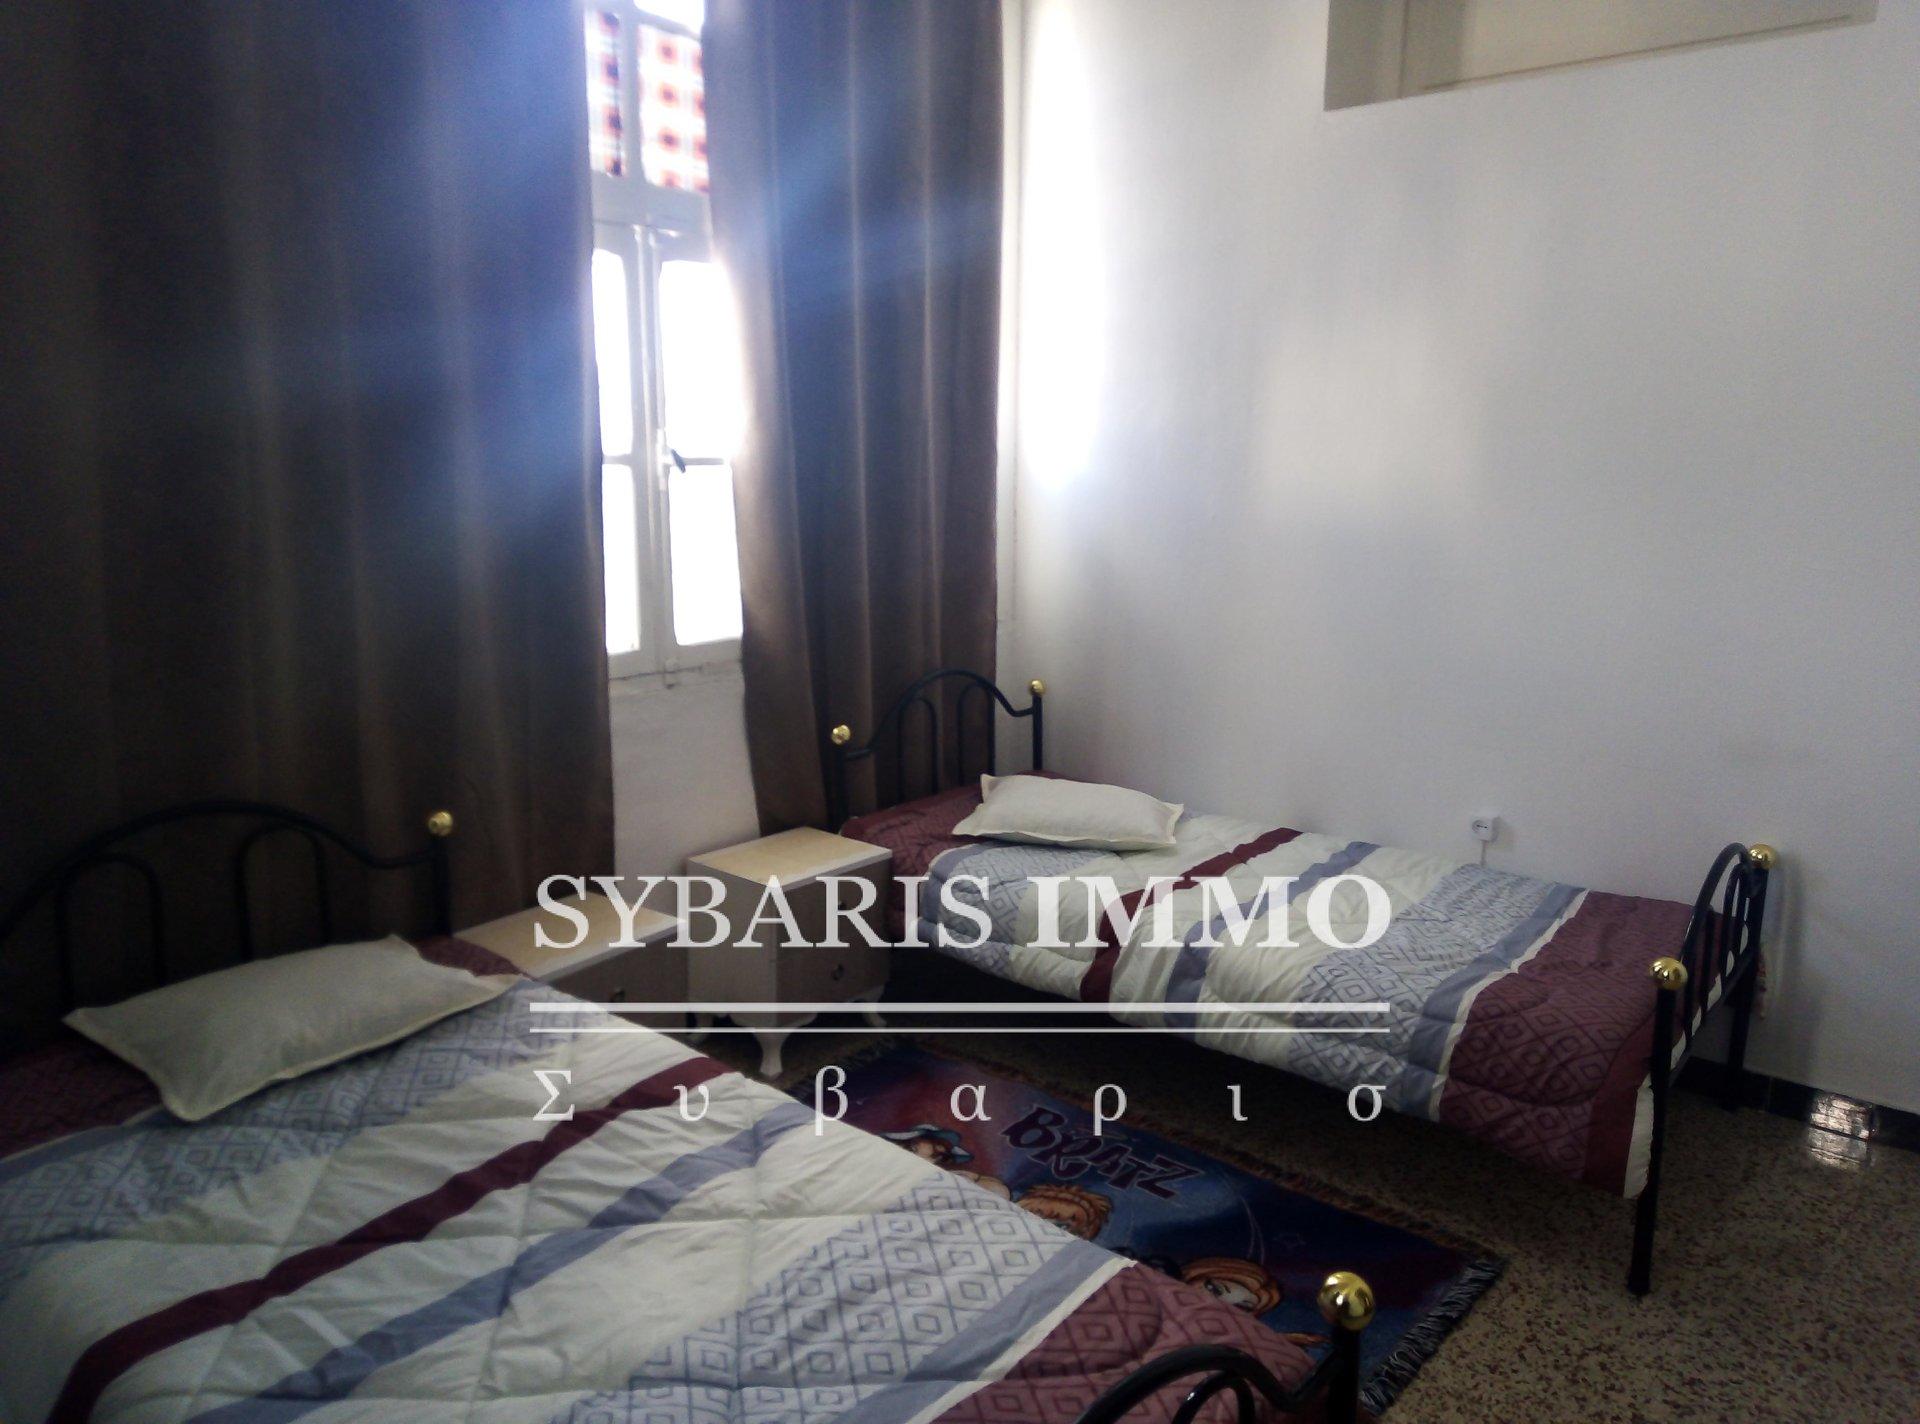 Location appartement meublé - Tunis